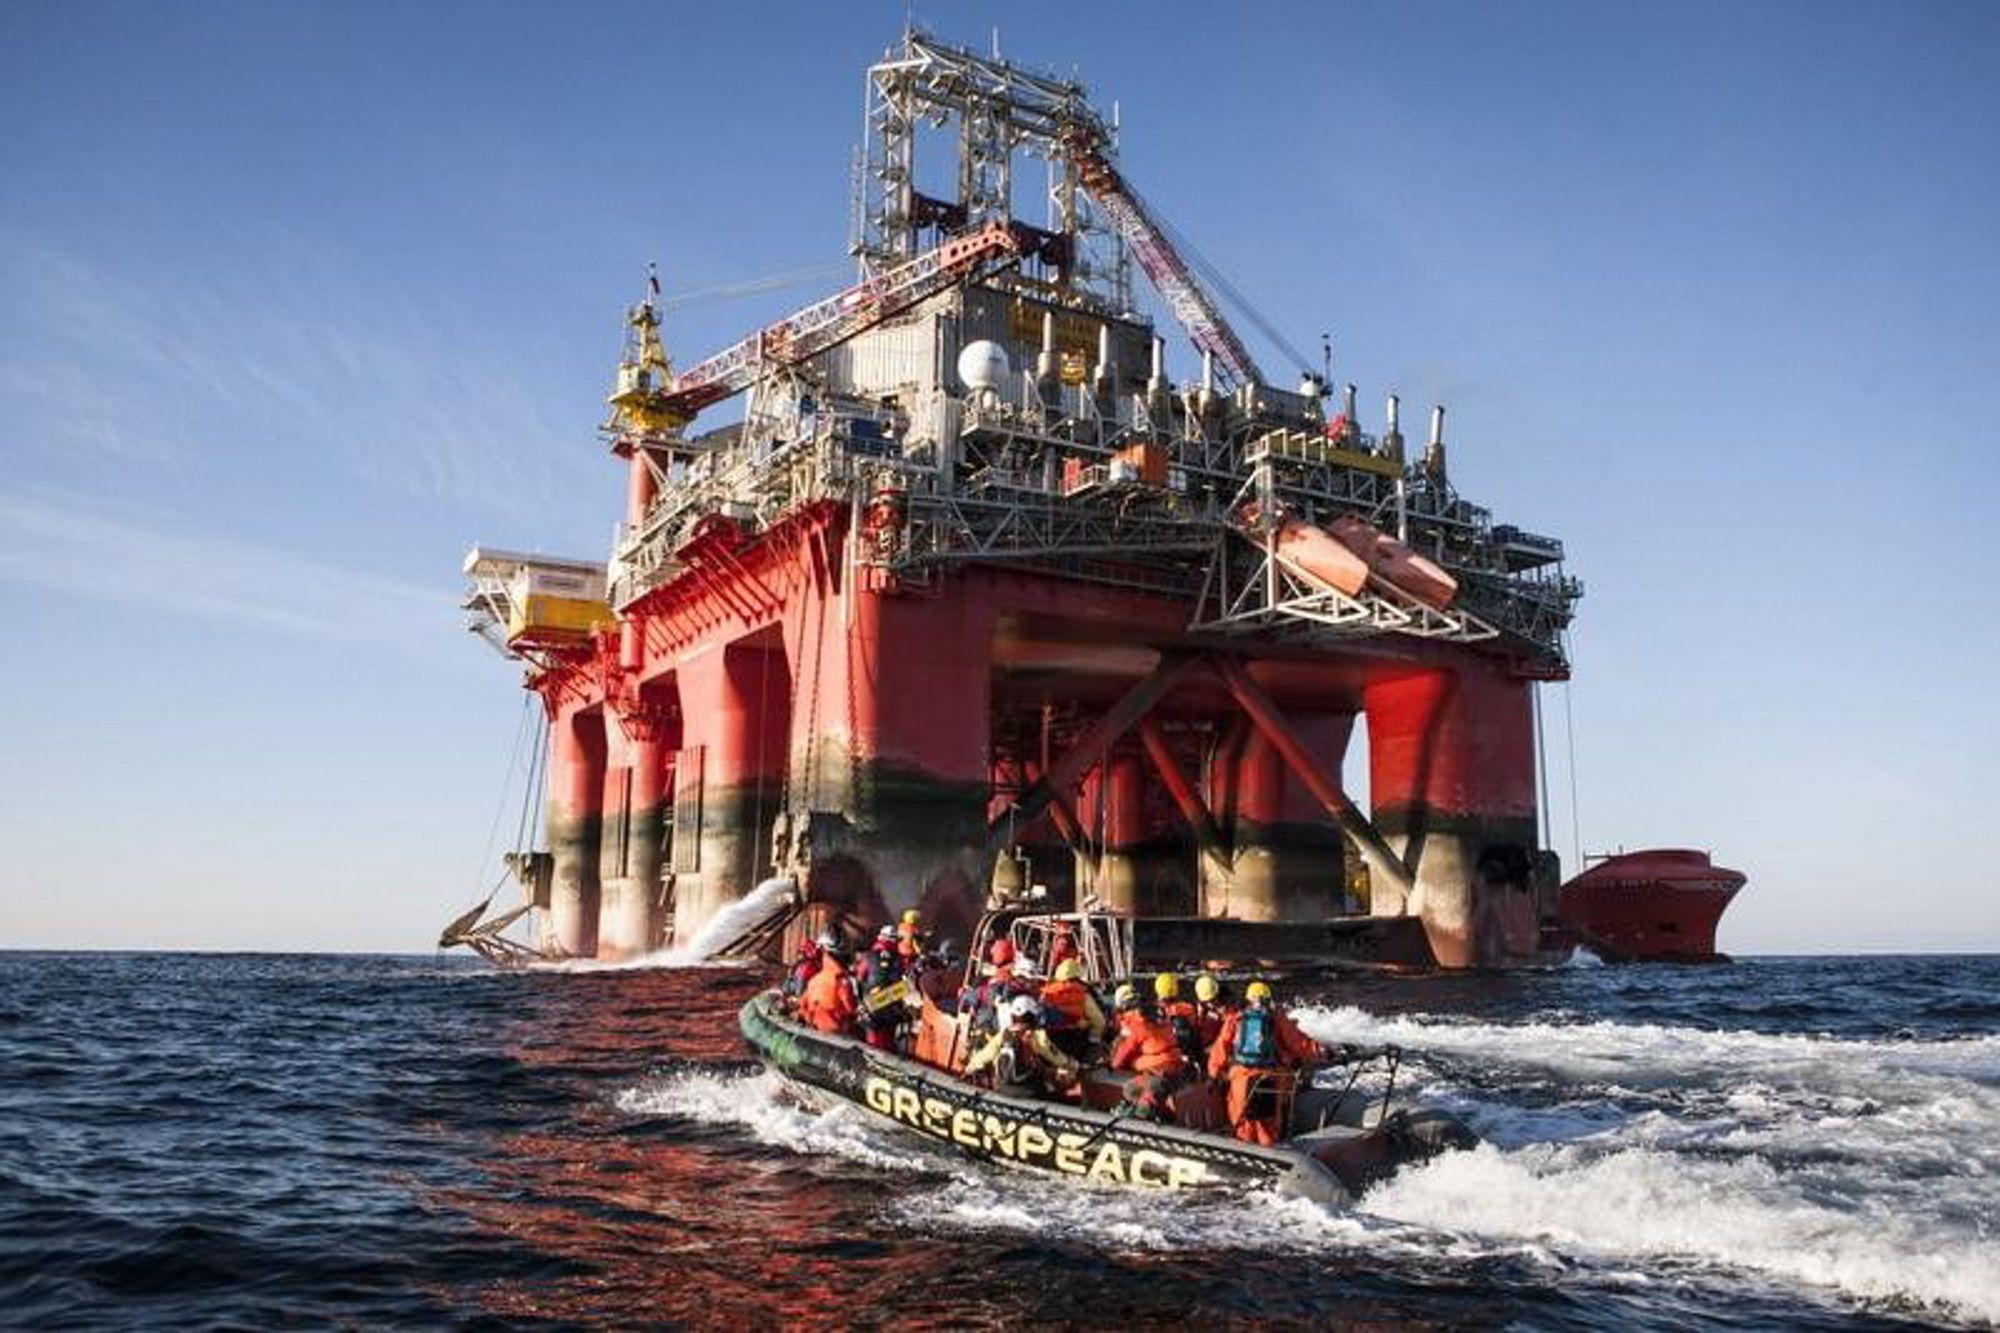 Demokratiske prinsipper ble tilsidesatt da Statoil fikk bruke Transocean Spitsbergen (bildet) til å bore i Barentshavet i fjor før klagefristen på Miljødirektoratets vedtak var utløpt, mener Bellona. Bildet viser Greenpeaces aksjon mot riggen.